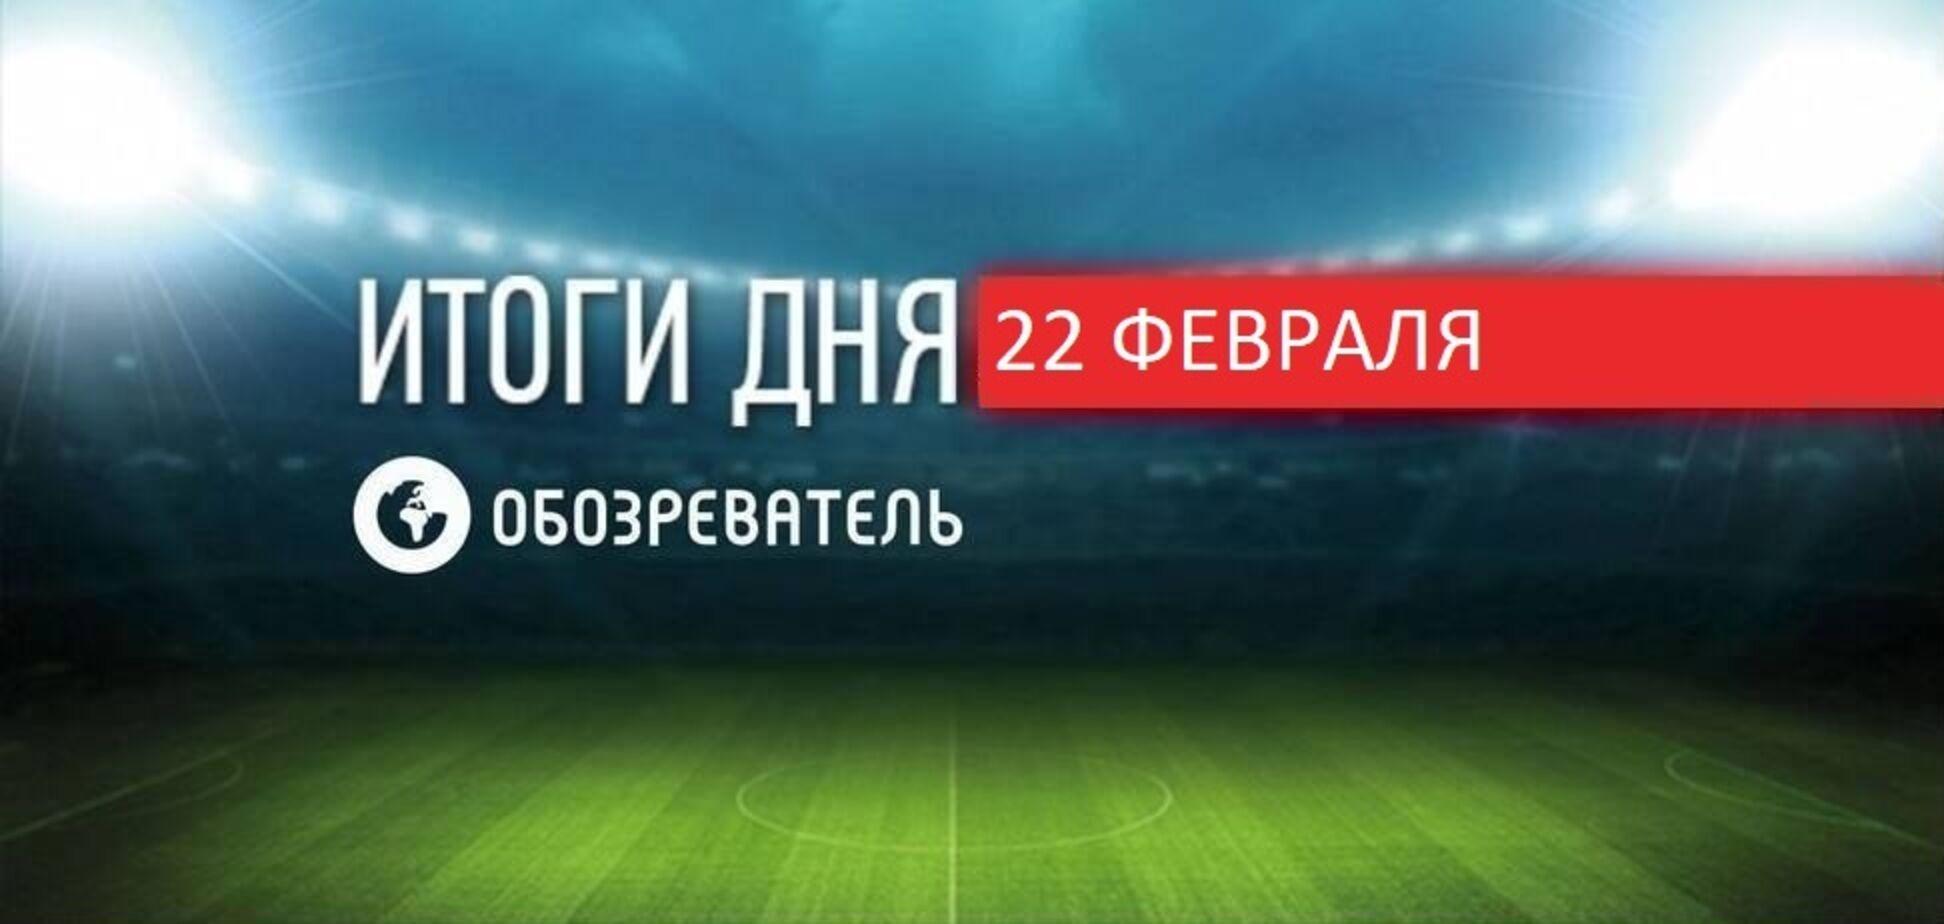 Україна з першого місця вийшла на Євробаскет-2022: спортивні підсумки 22 лютого